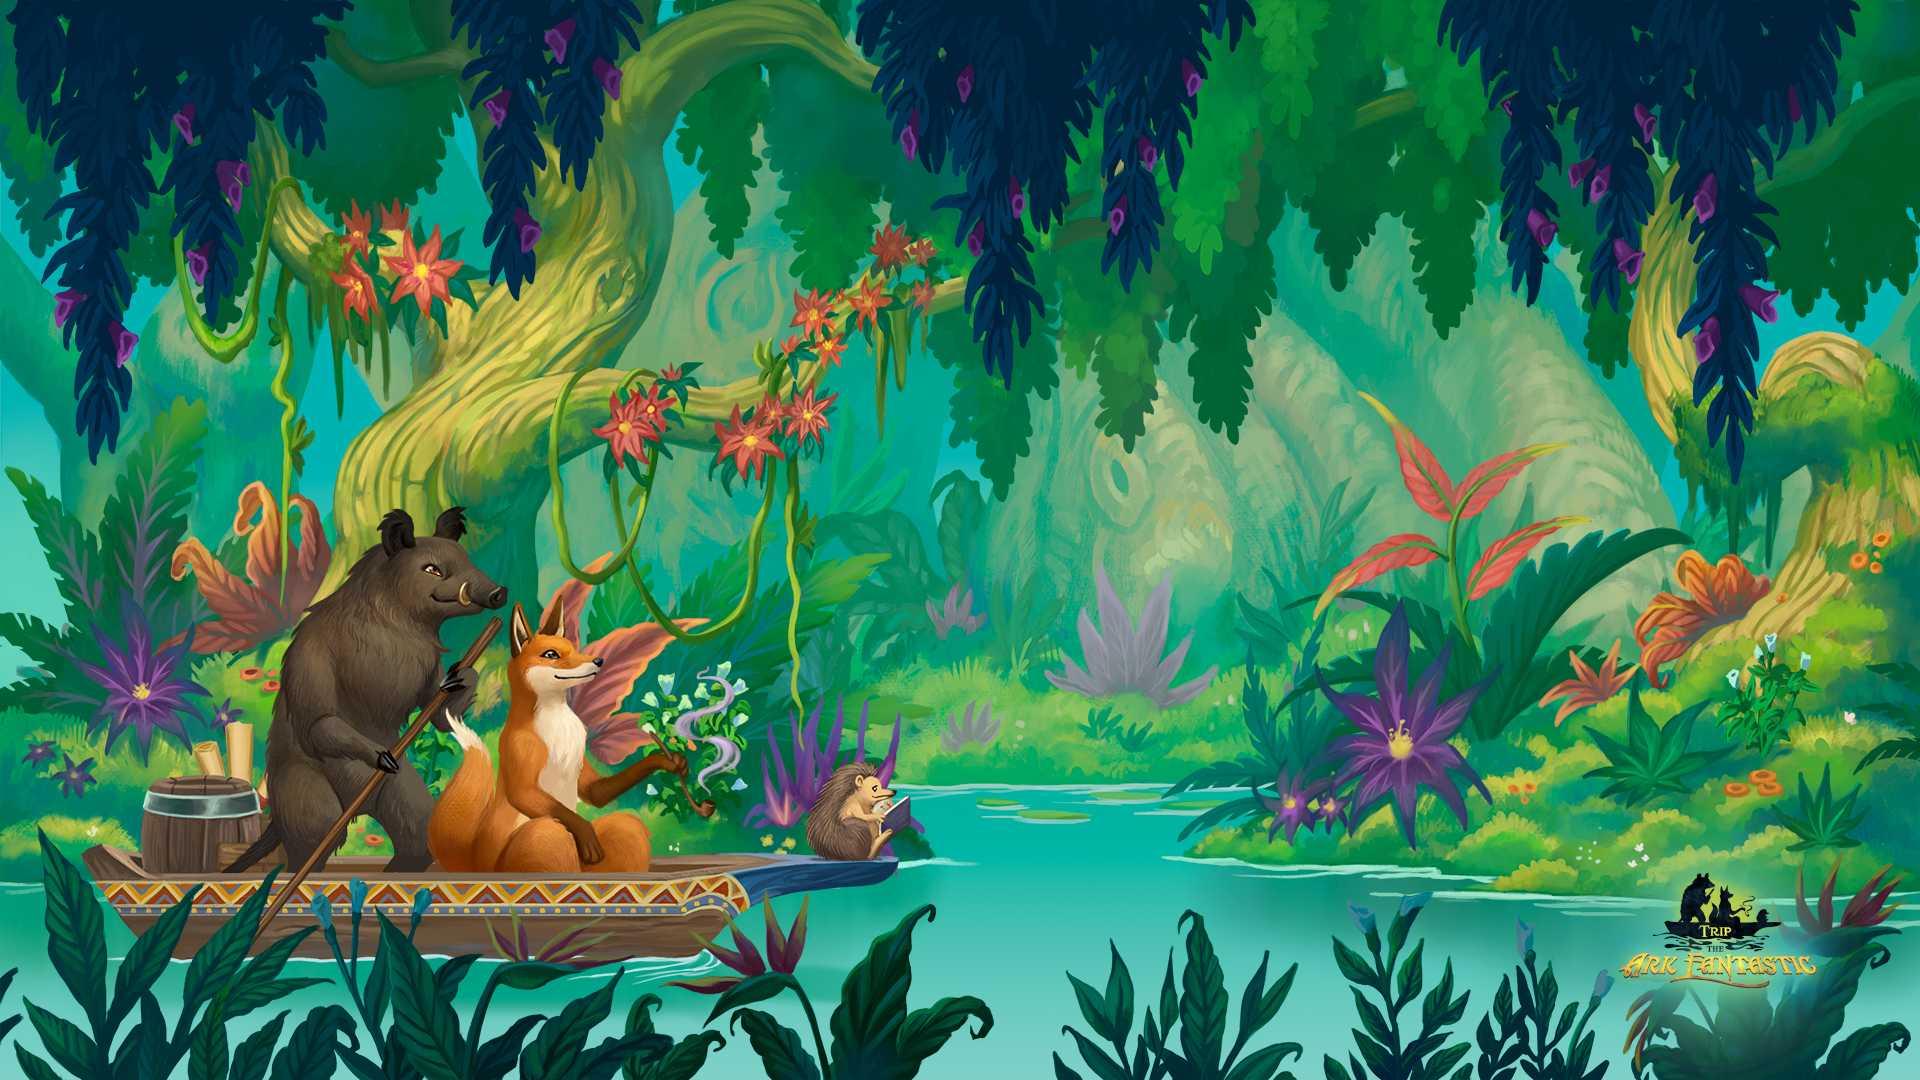 https://media.indiedb.com/images/articles/1/281/280019/auto/ark-jungle-river-wal.jpg